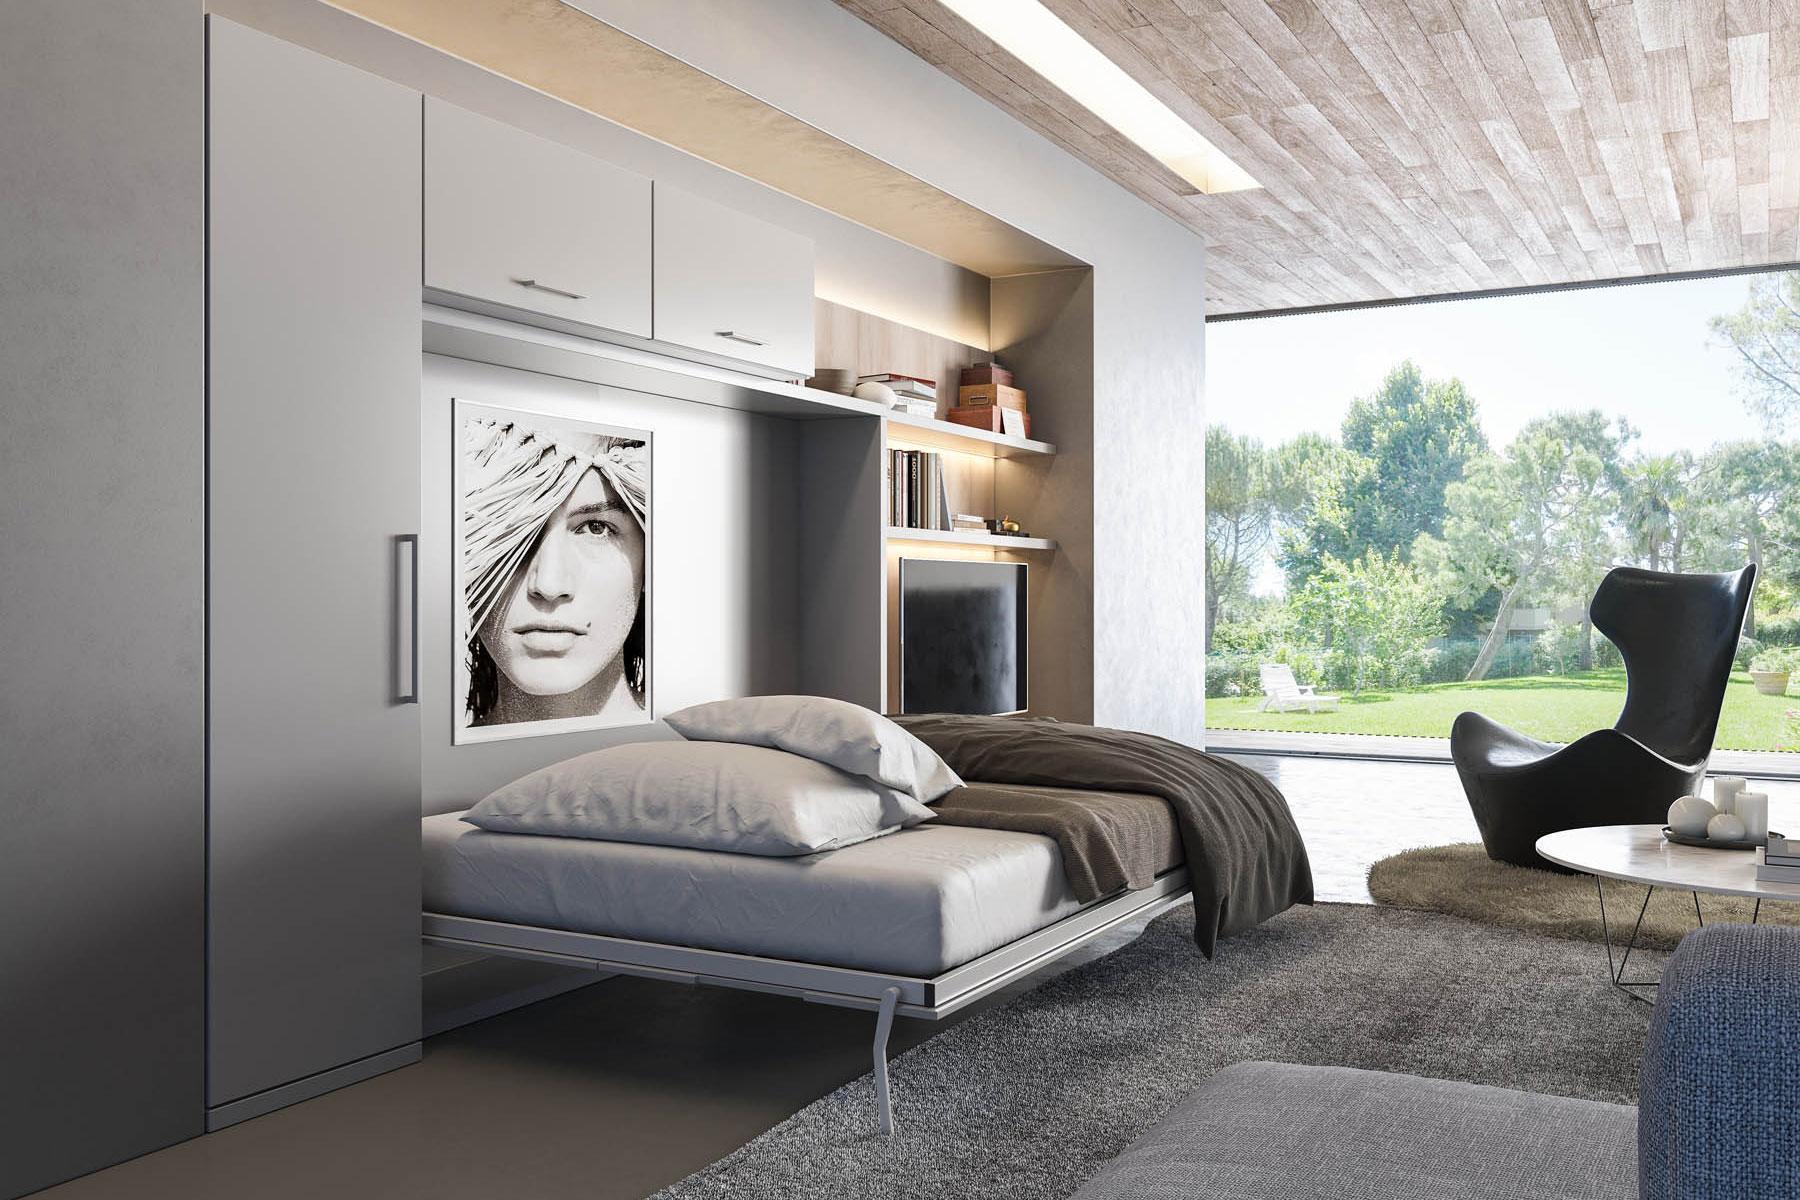 Trav- מיטת קיר דגם